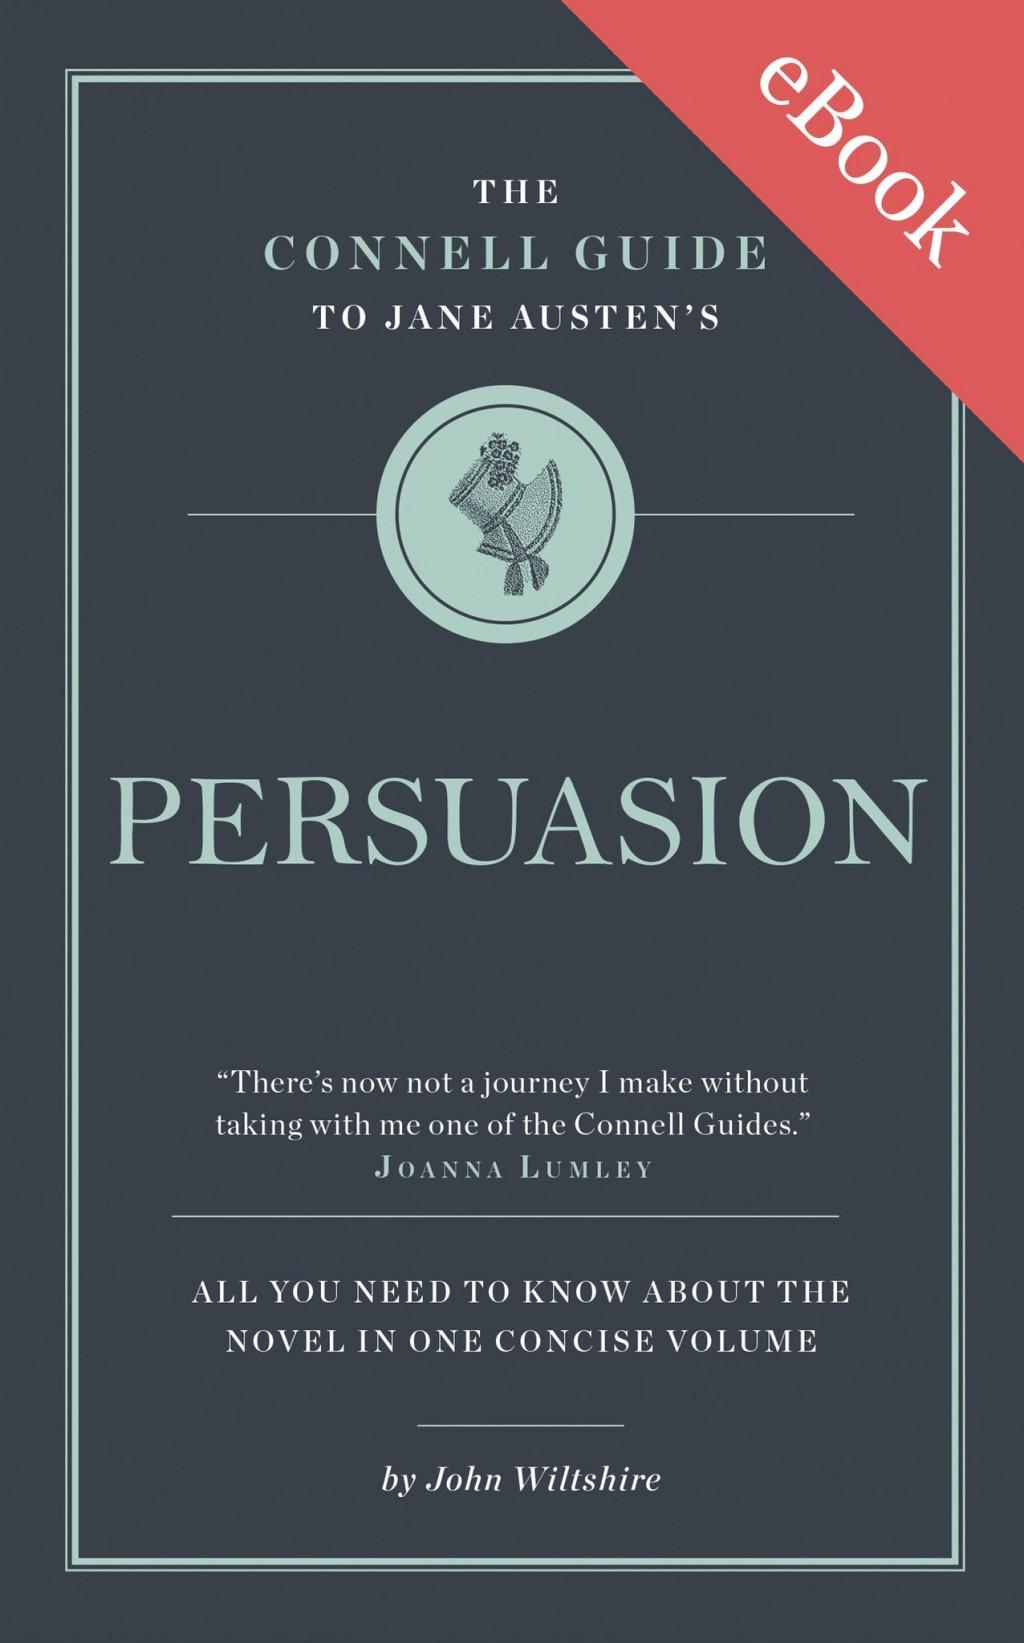 016 Essay Example Ebookv1470927528 Essays In Remarkable Persuasion Audiobook Pdf John Maynard Keynes Summary Large